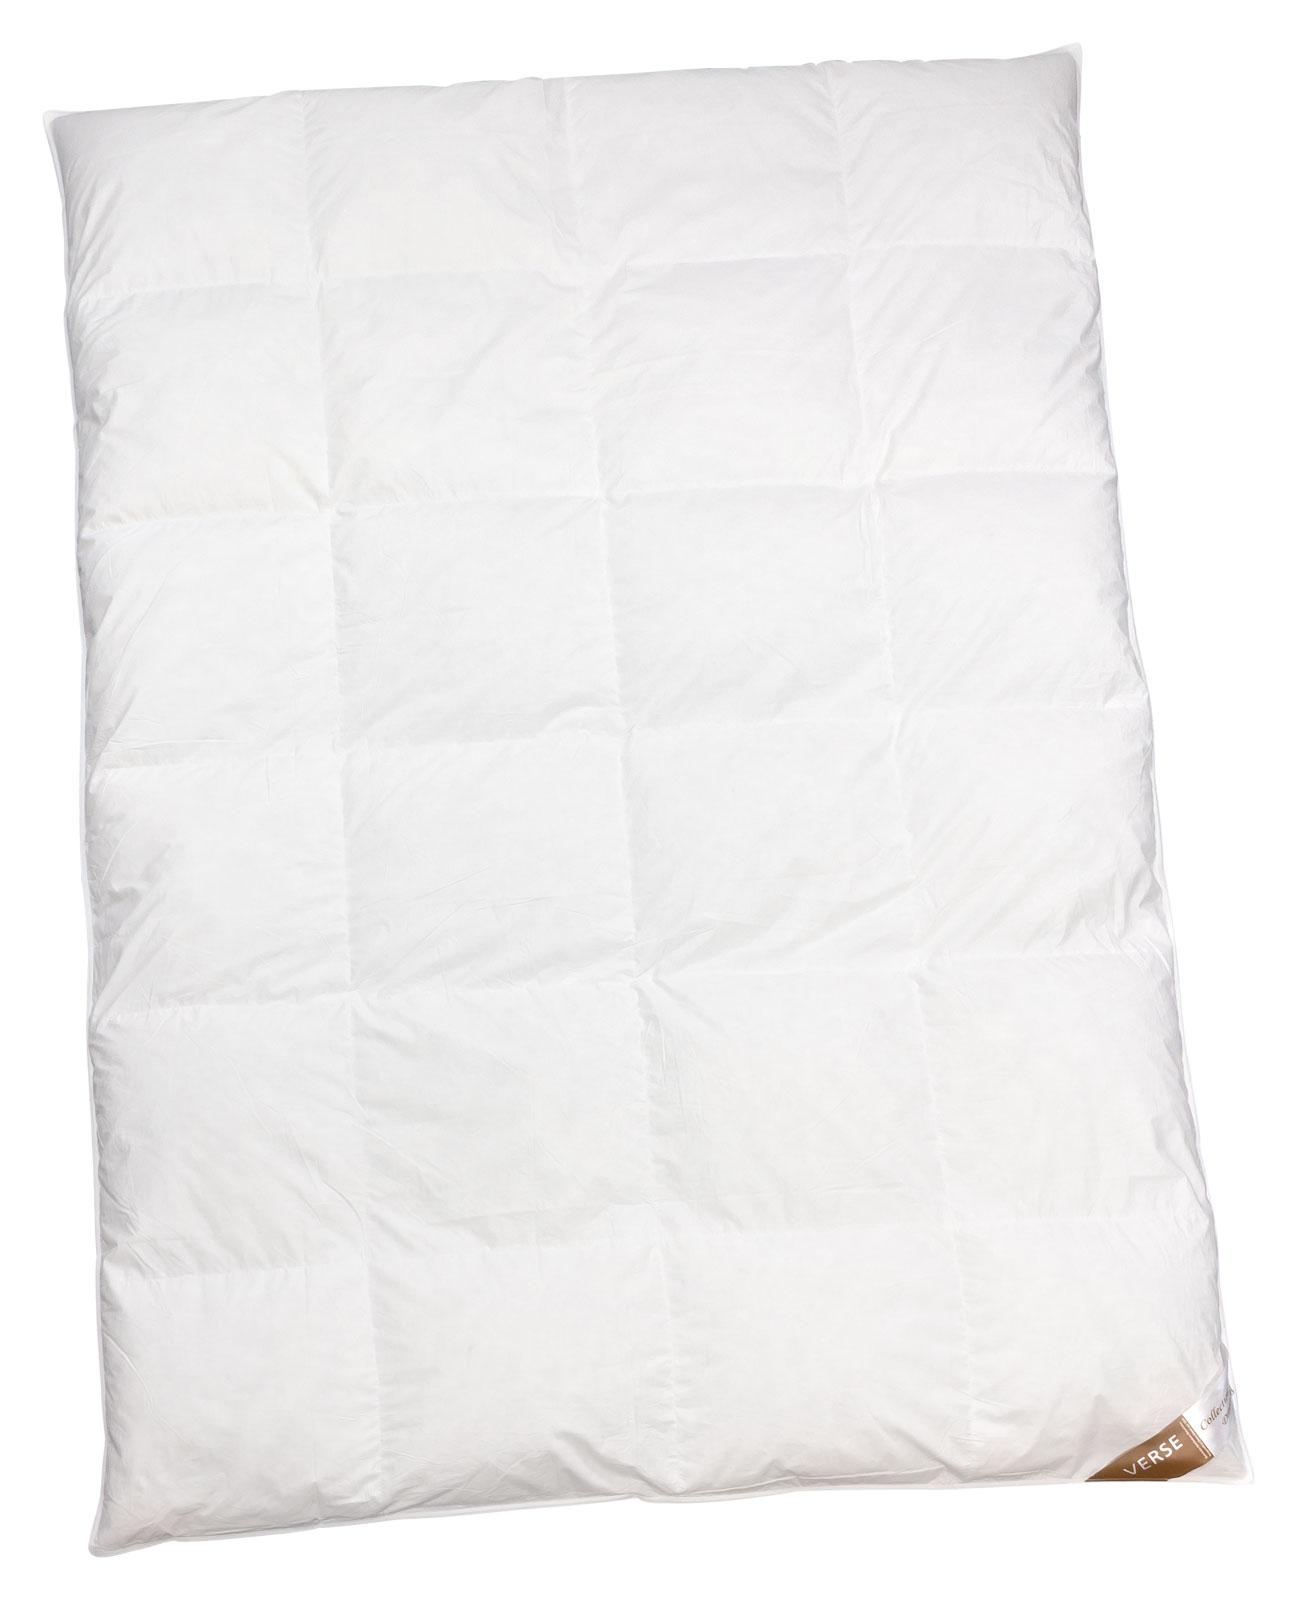 Bettdecken und Kopfkissen - Ganzjahresdecke leicht Daunen Bettdecke 200x200 Verse Collection Dreaming  - Onlineshop PremiumShop321